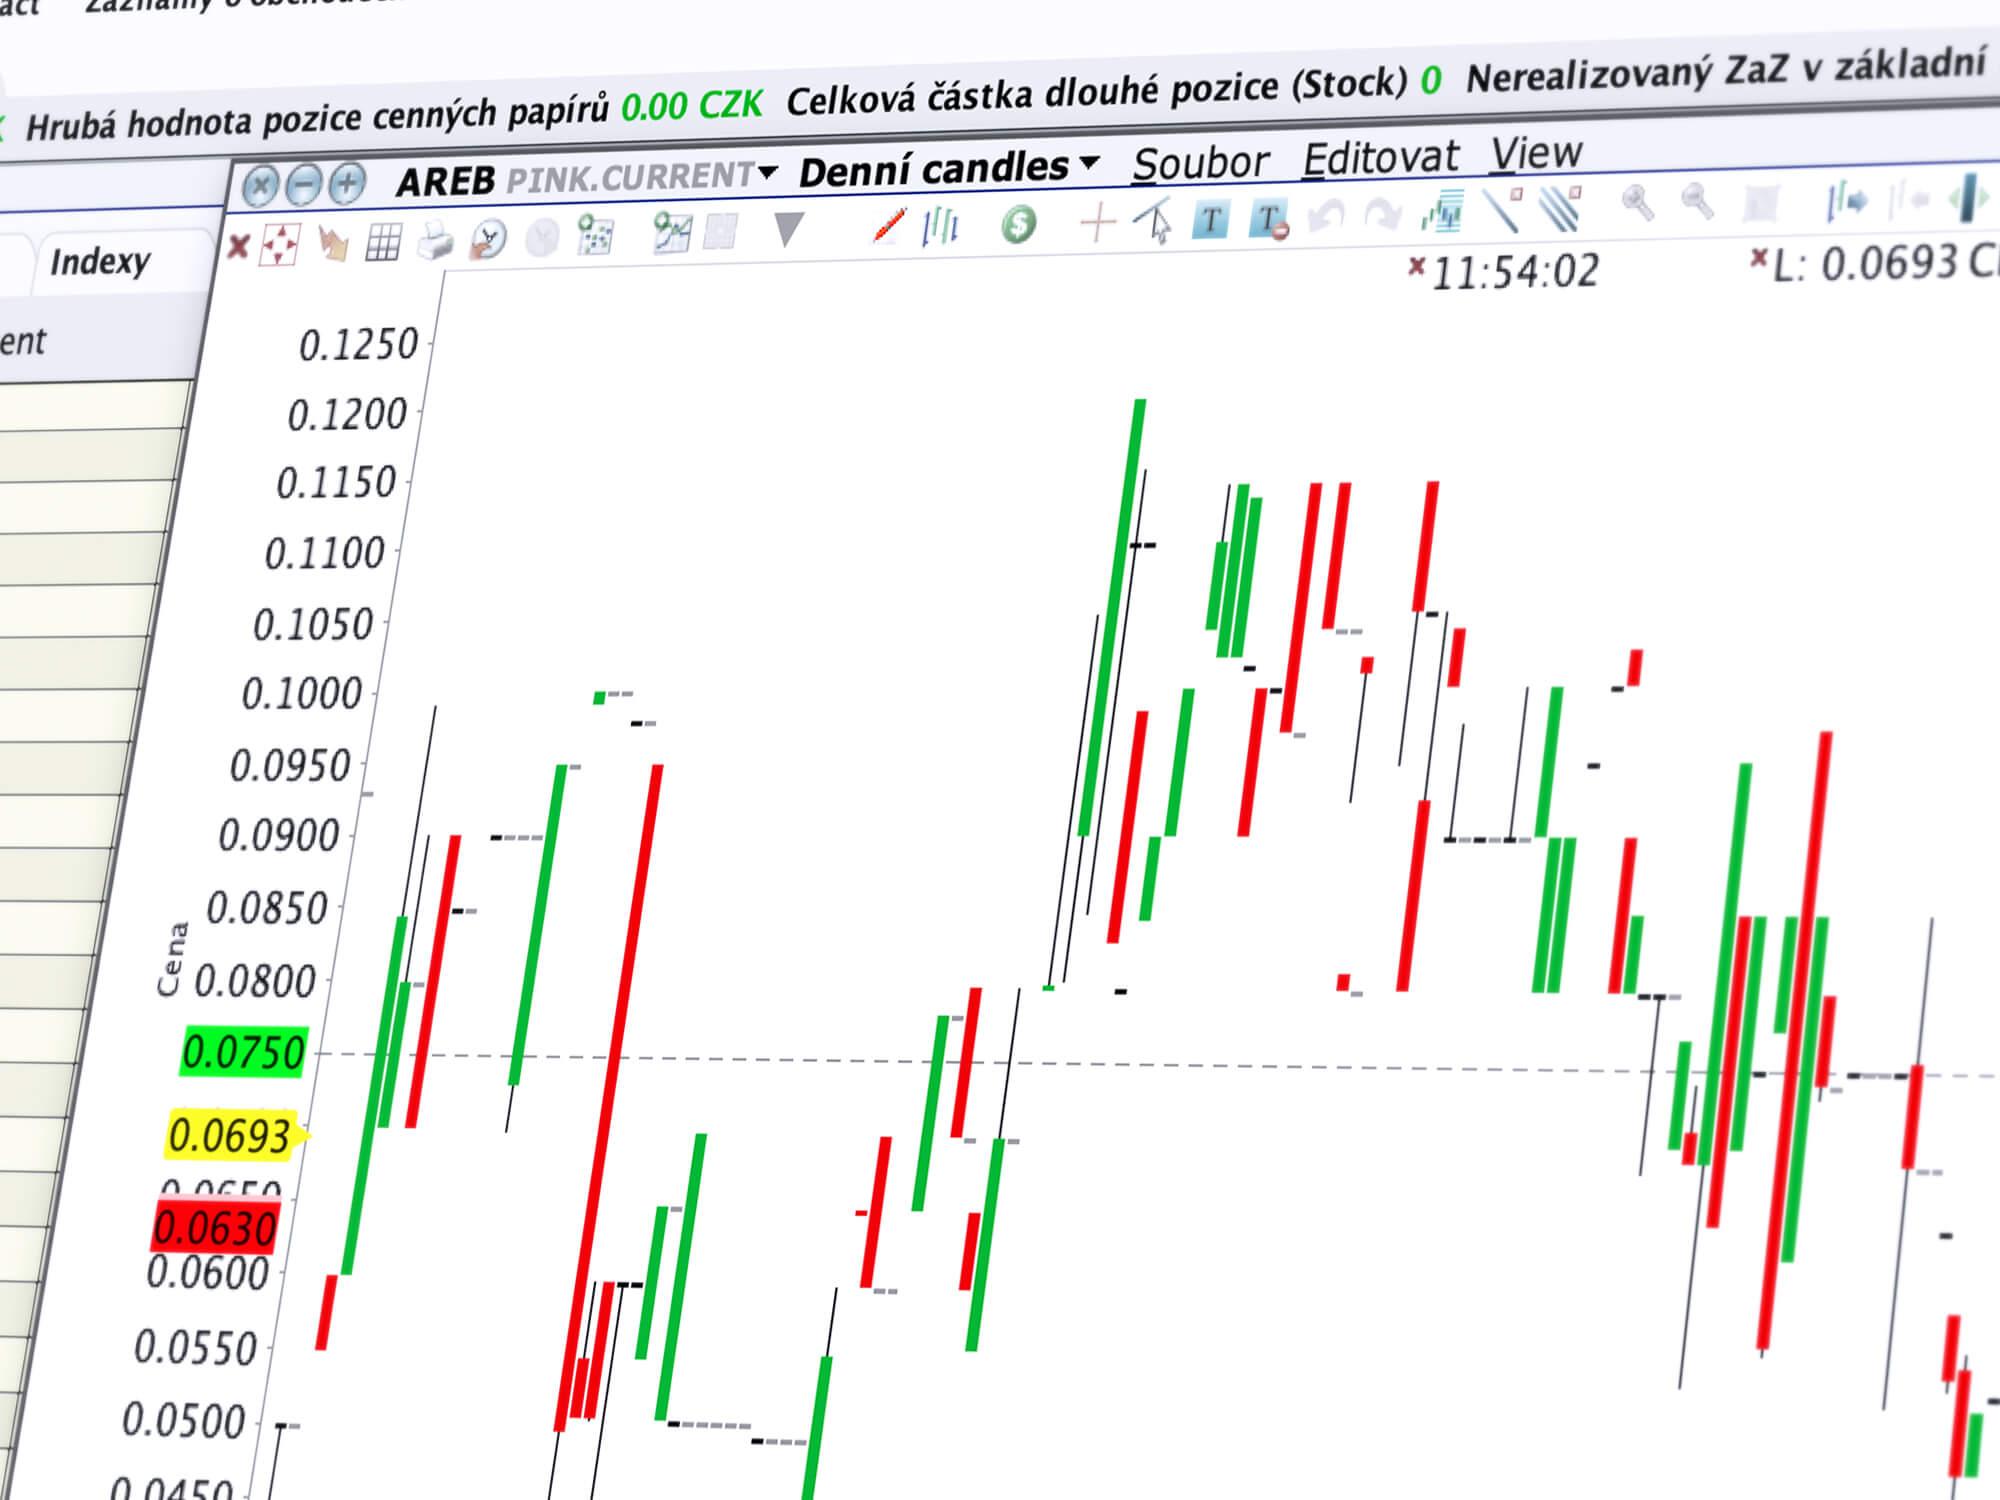 Cenový graf akcie AREB v nástroji ChartTrader